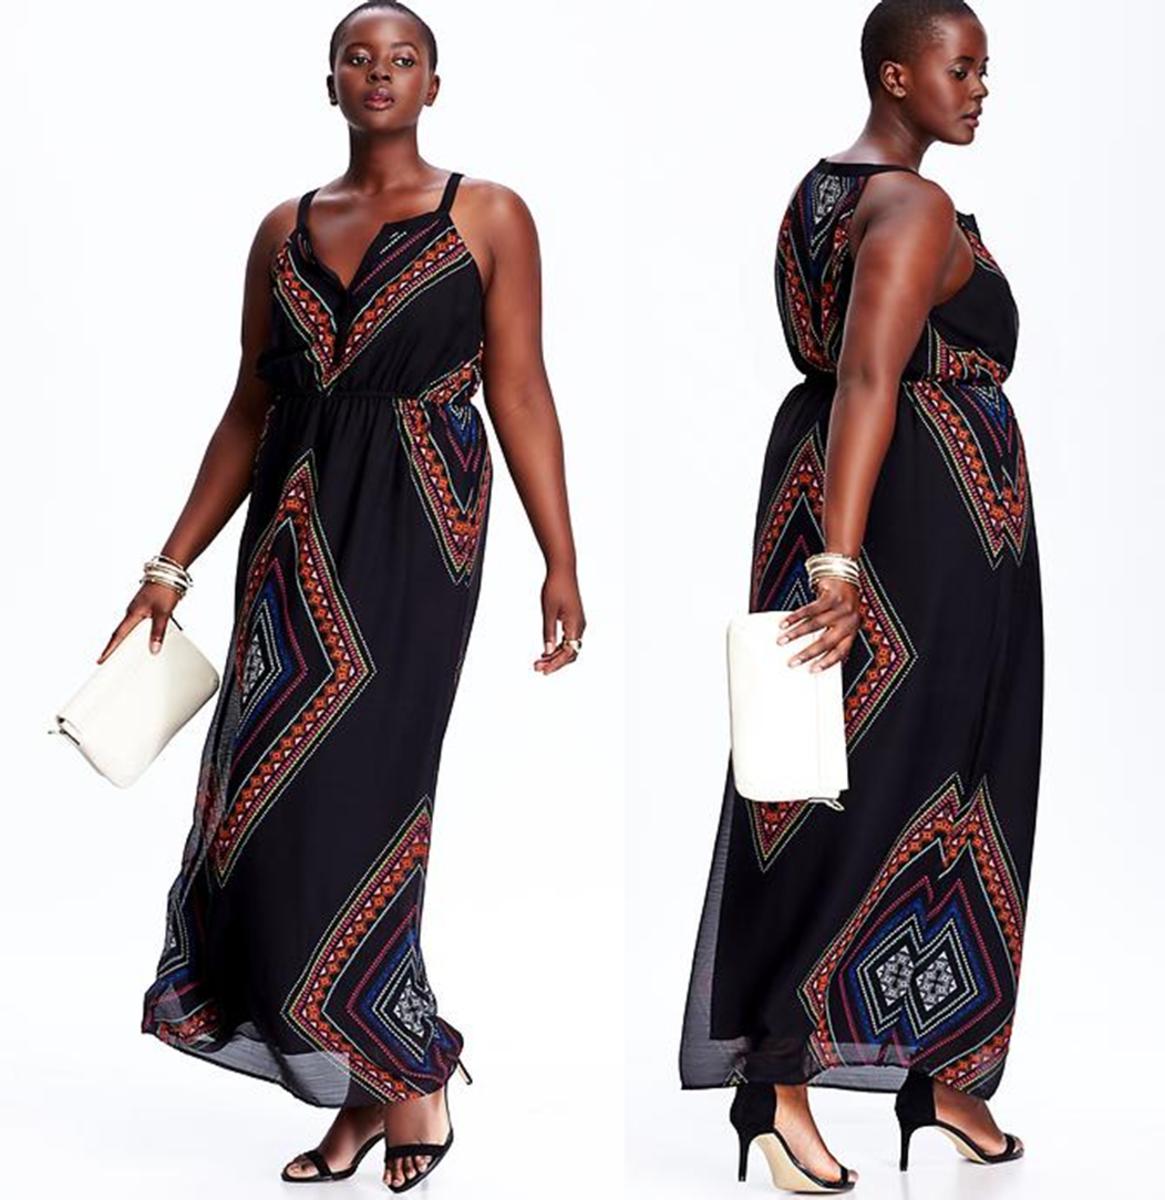 crinkle-chiffon maxi dress with split neckline and elasticized waist